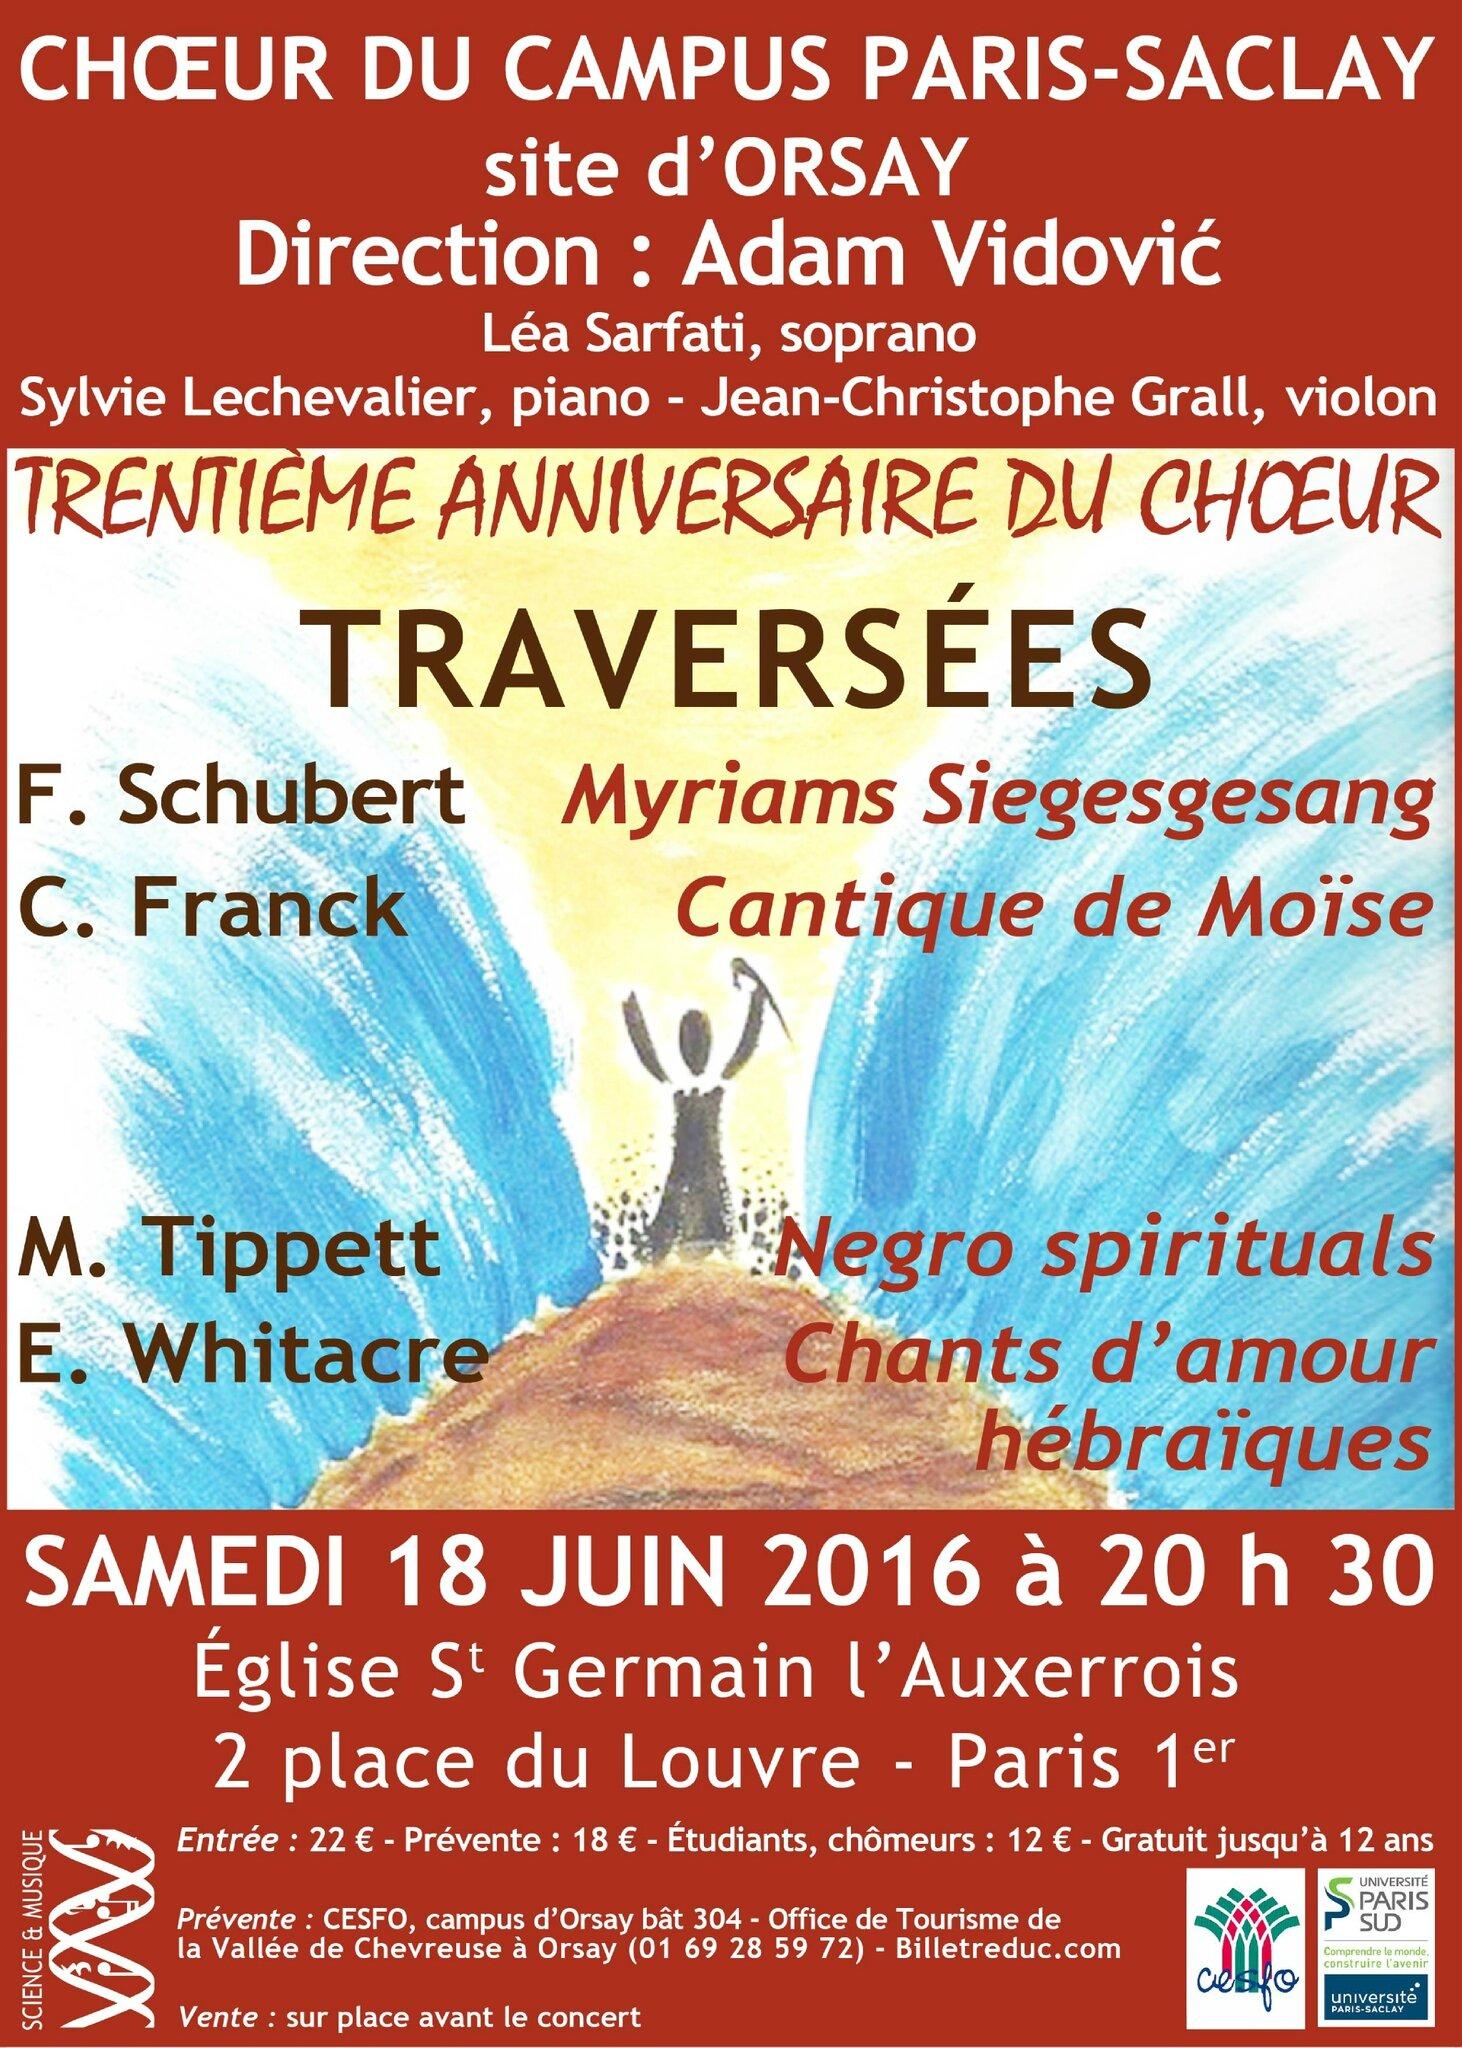 Concert du choeur du Campus Paris-Saclay samedi 18 juin à l'église St Germain l'Auxerrois